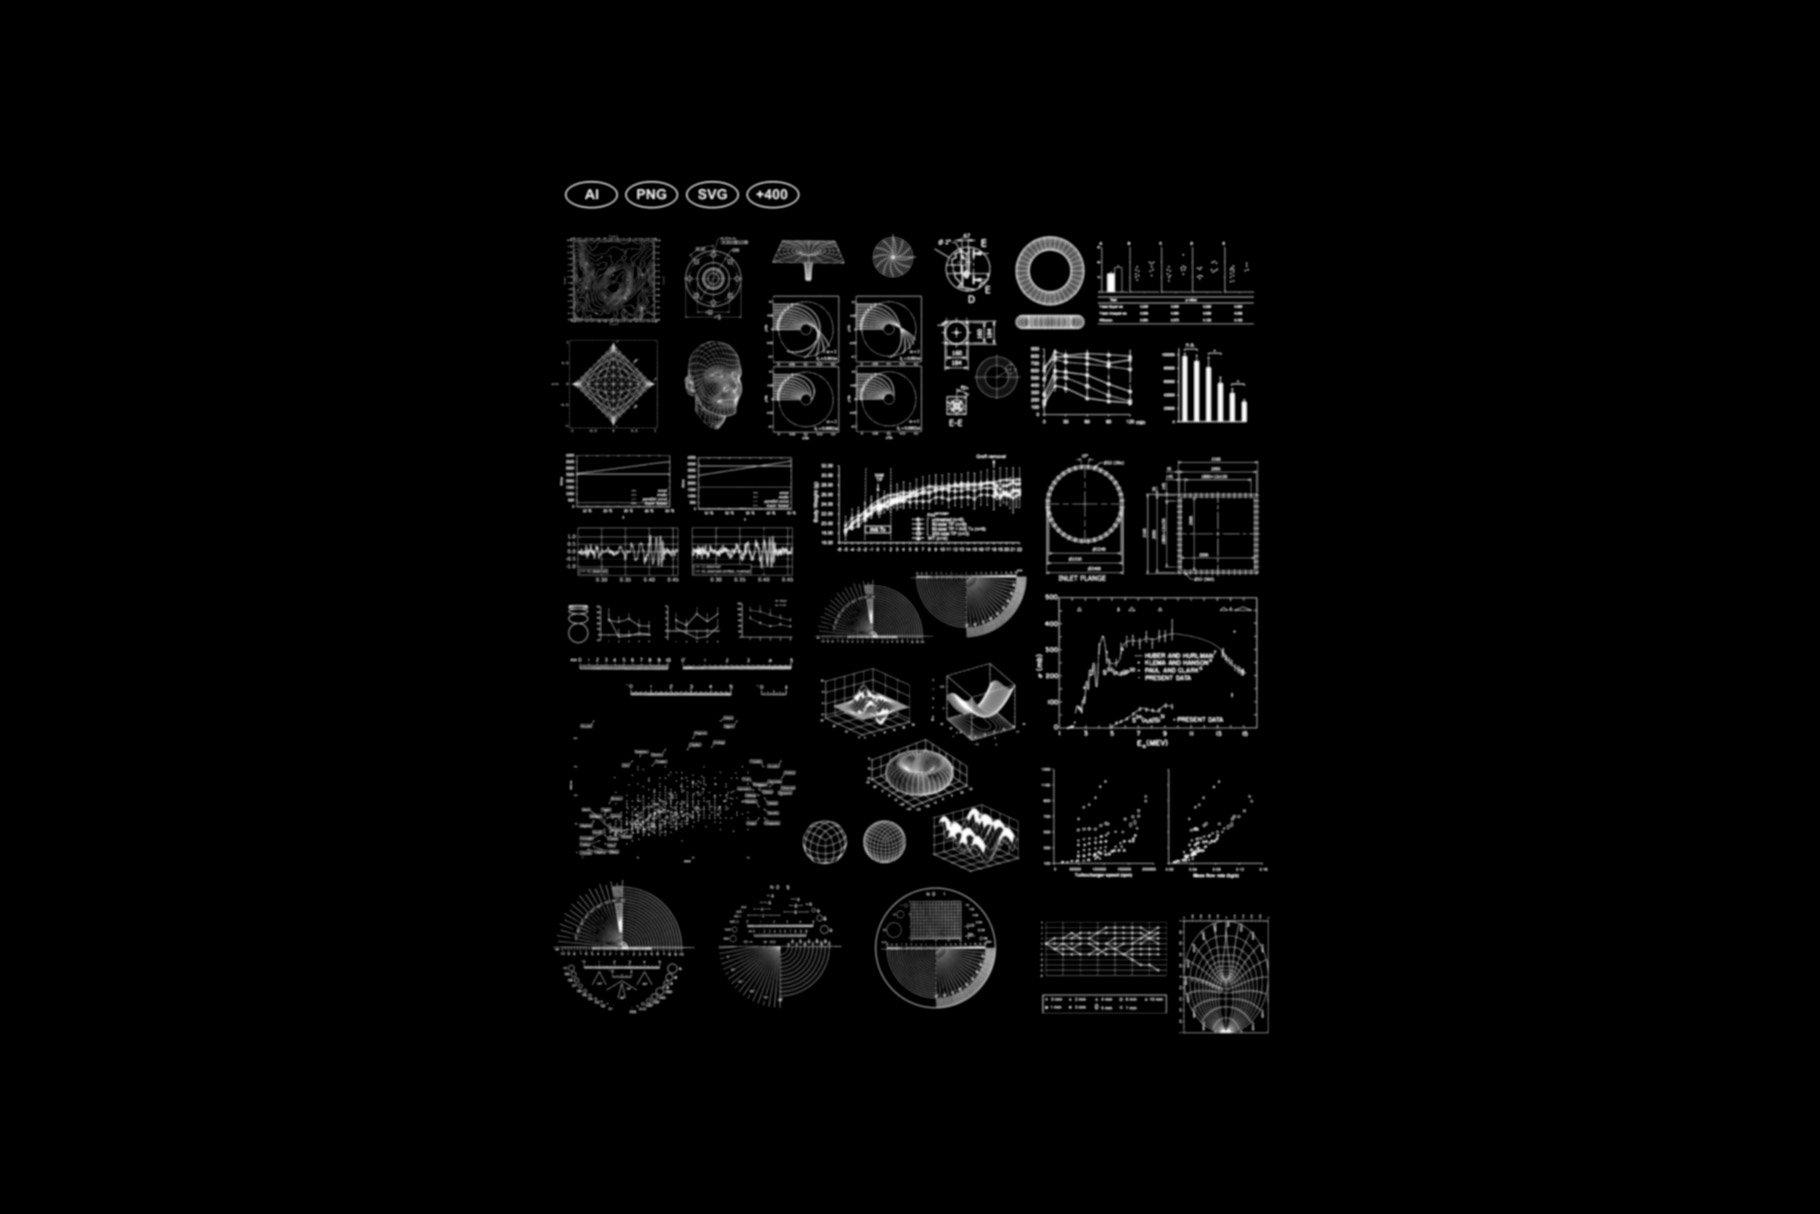 [淘宝购买]400多个潮流抽象曼荼罗警示警戒几何图标AI矢量图形素材 Vektor Icon Pack插图(4)